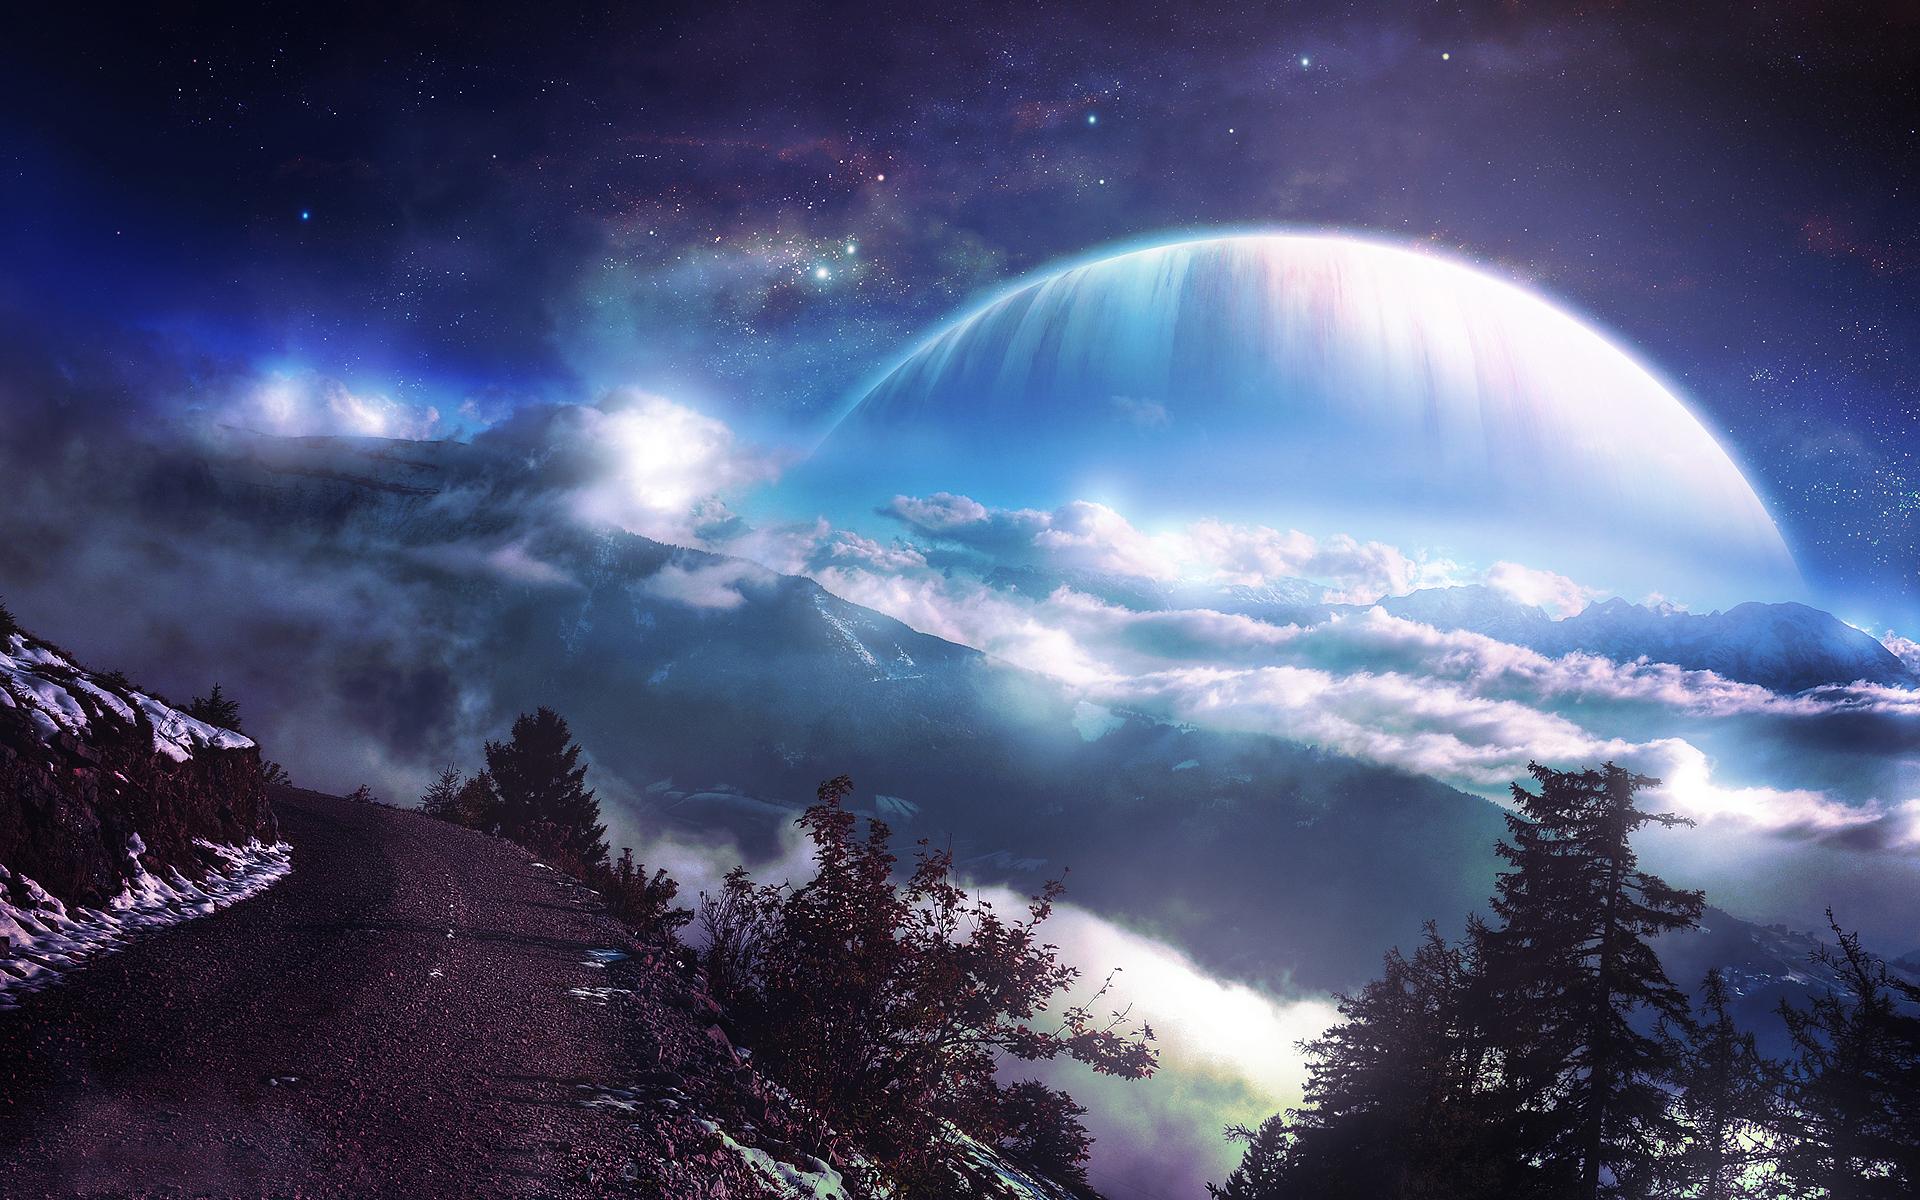 哈勃望远镜指向宇宙深处,发现未见画面,冰蓝巨星上形成最强风暴